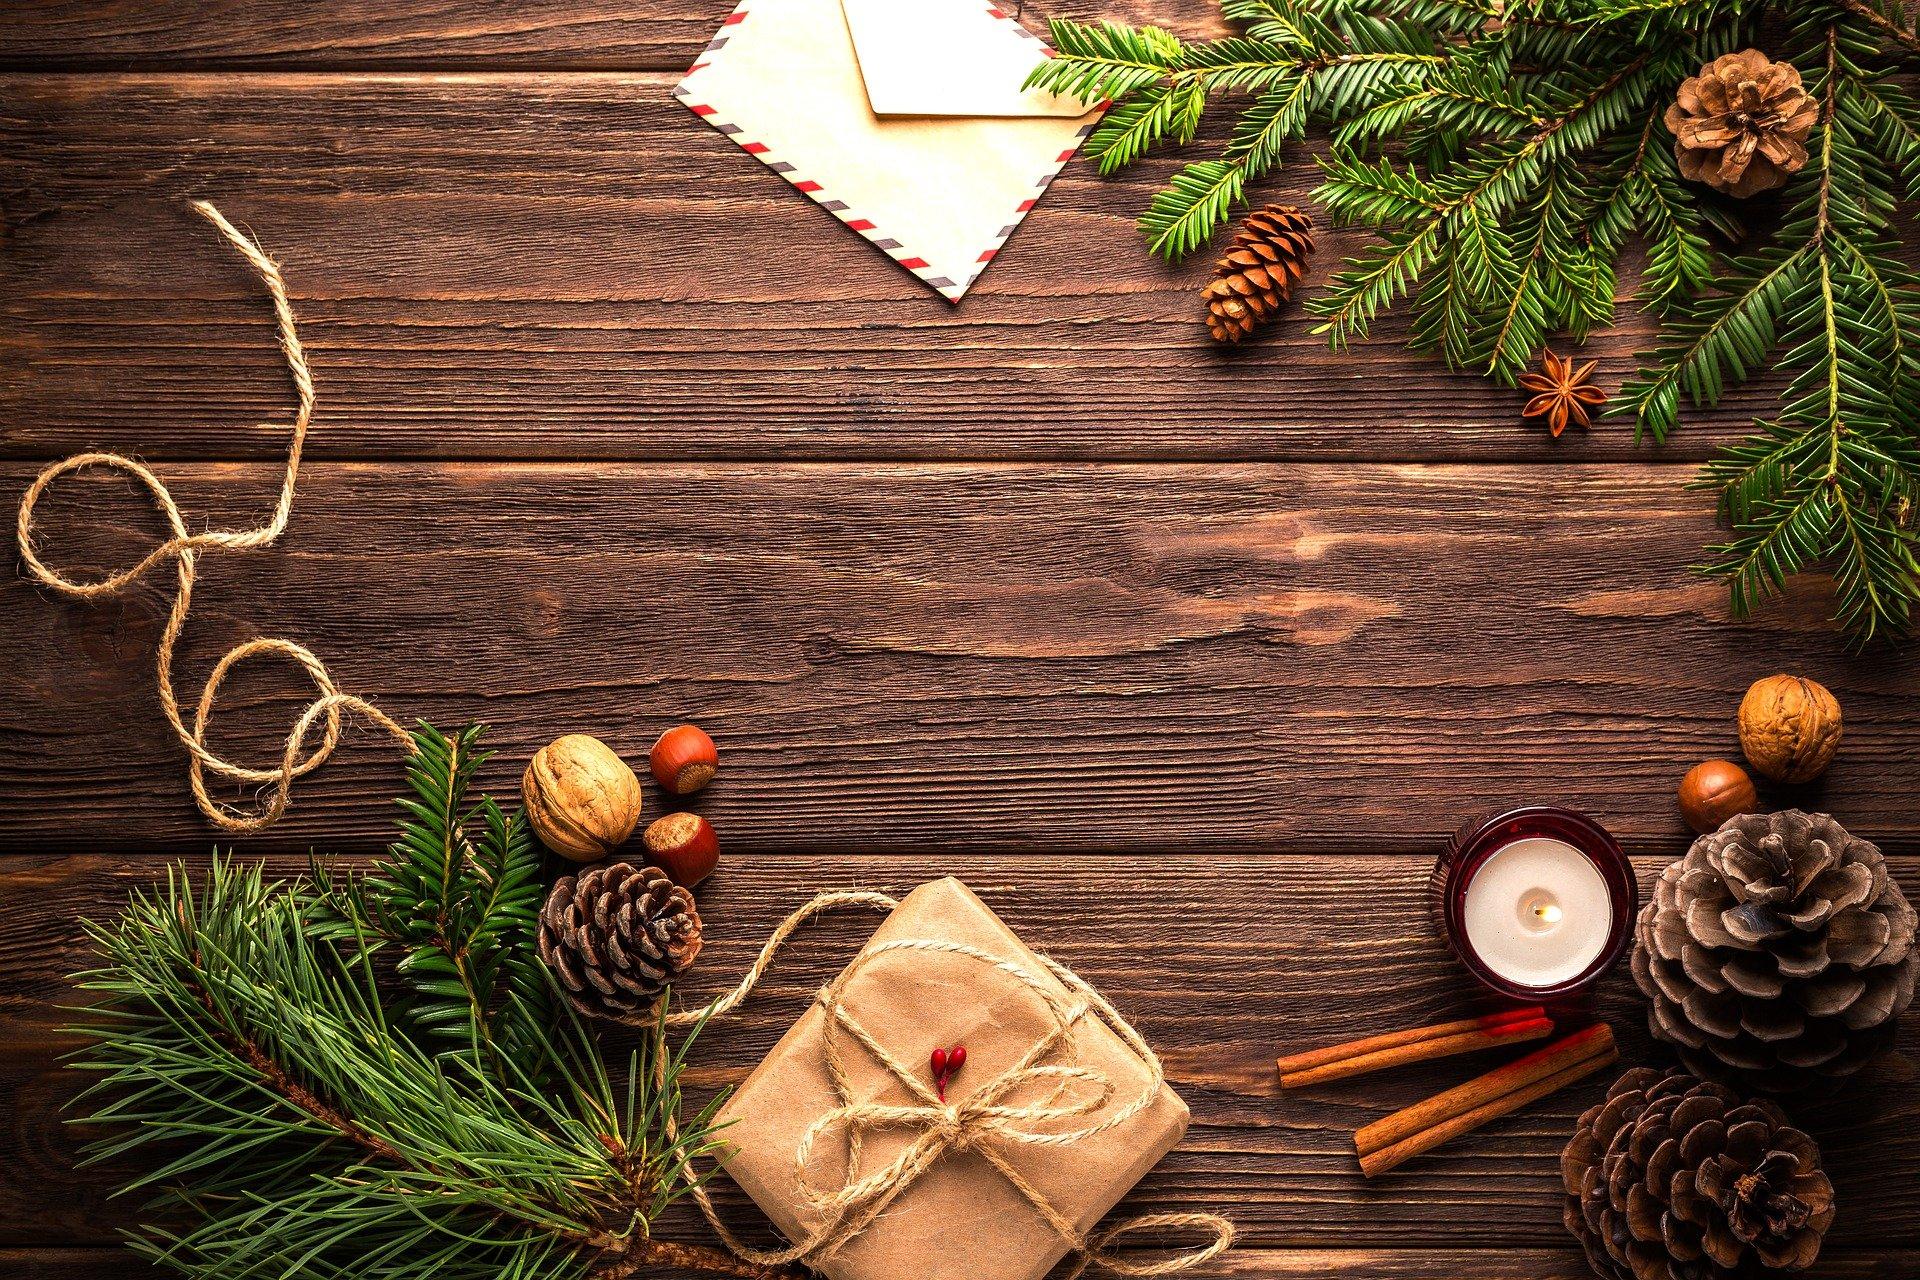 Auftakt zum neuen Themenschwerpunkt: Nachhaltige Advents- und (Vor-)Weihnachtszeit